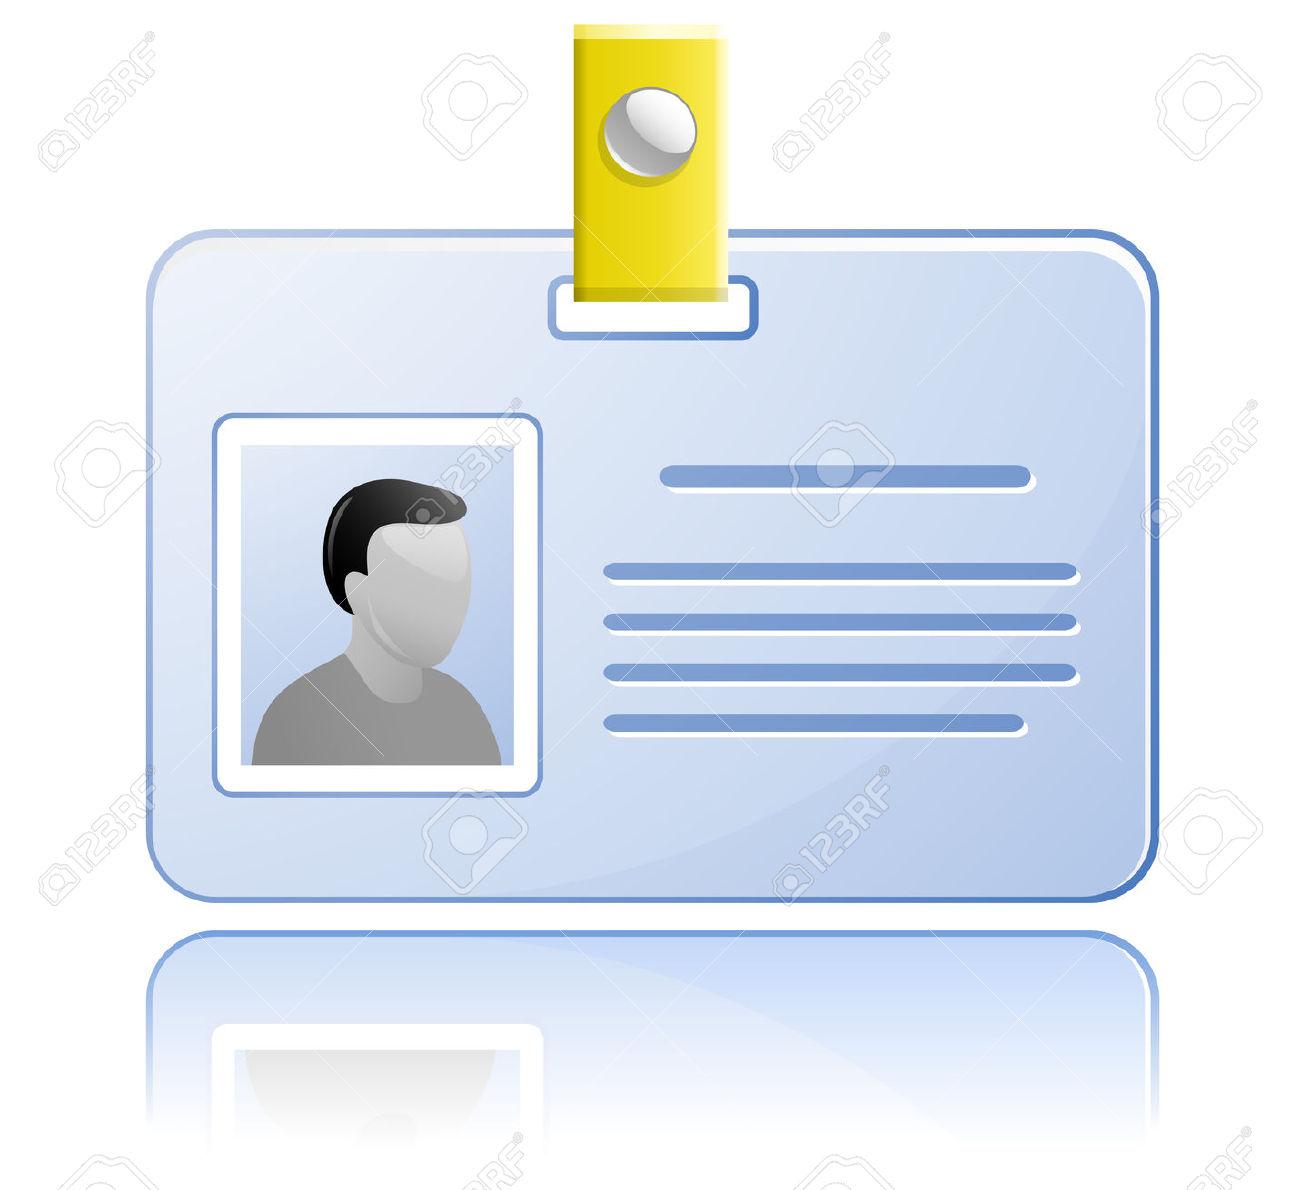 ID Card Clip Art.